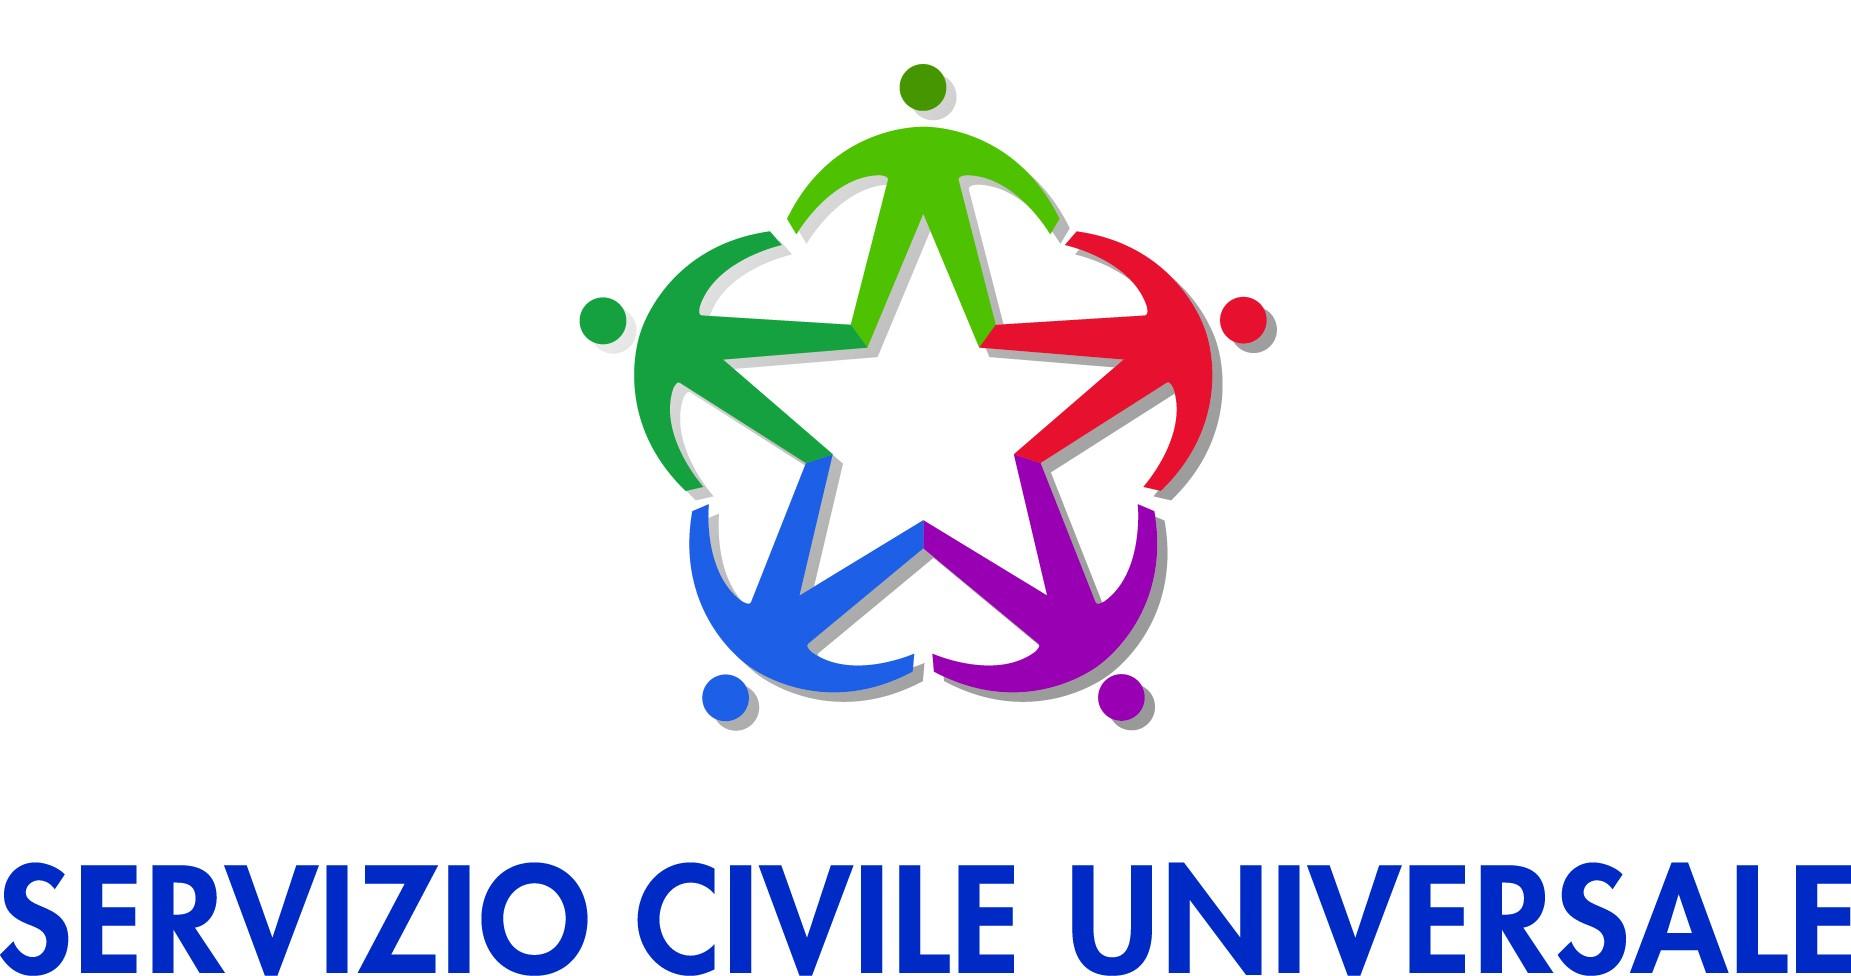 Approvati e Finanziati nr 03 progetti di Servizio Civile Universale